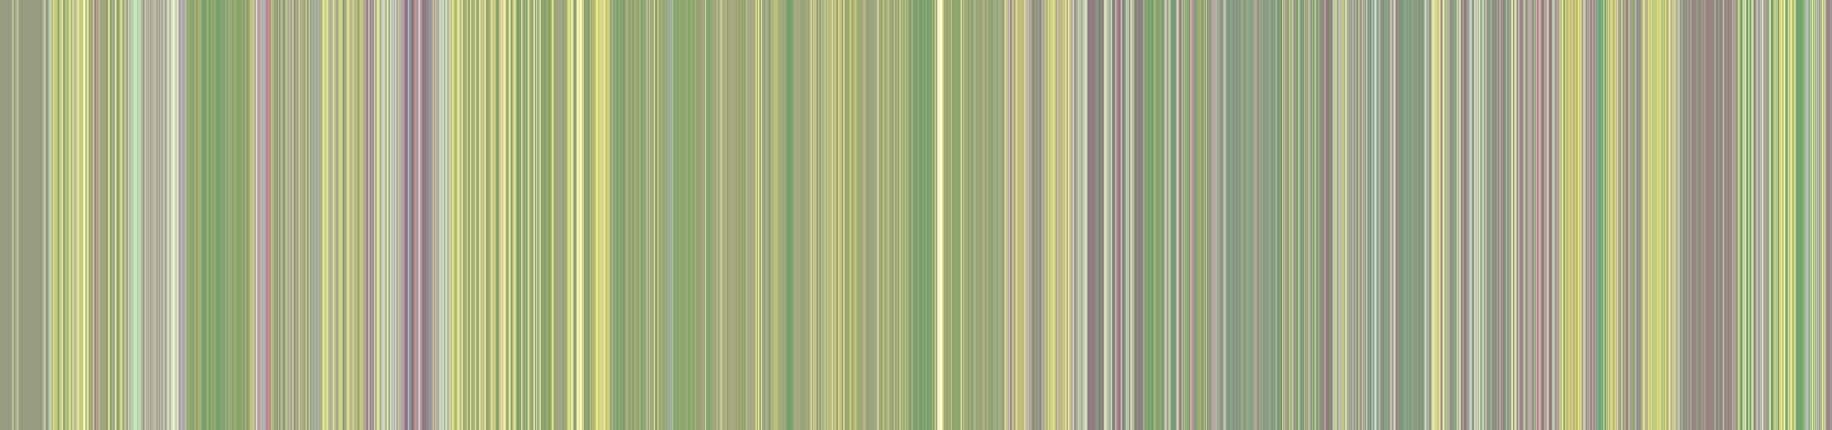 duurzame verf kleuren